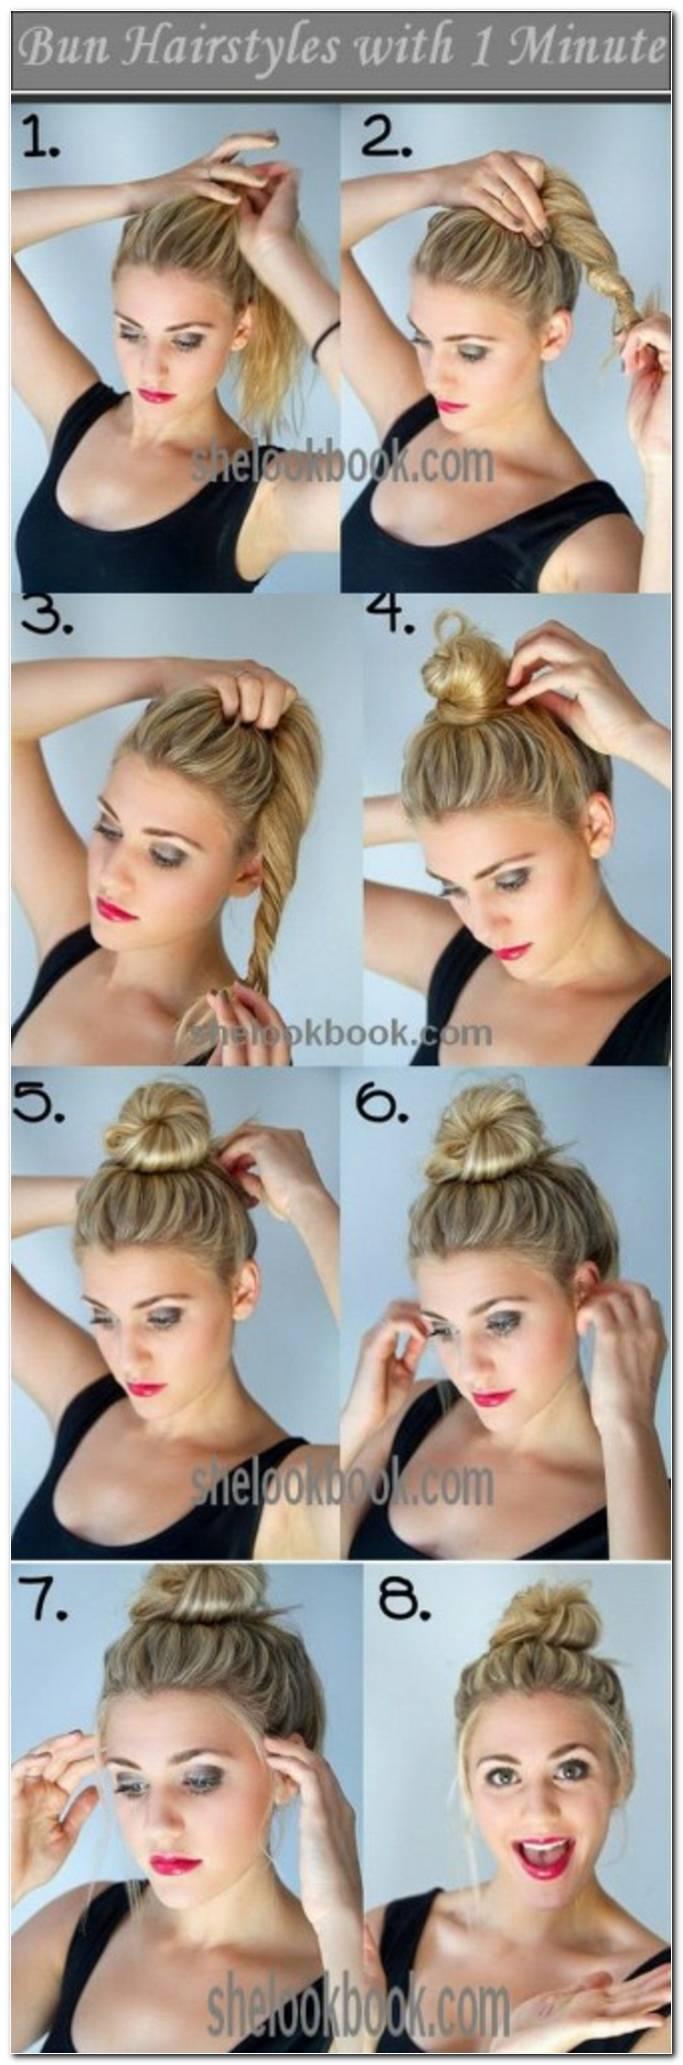 Frisuren Schnell Und Einfach Selber Machen